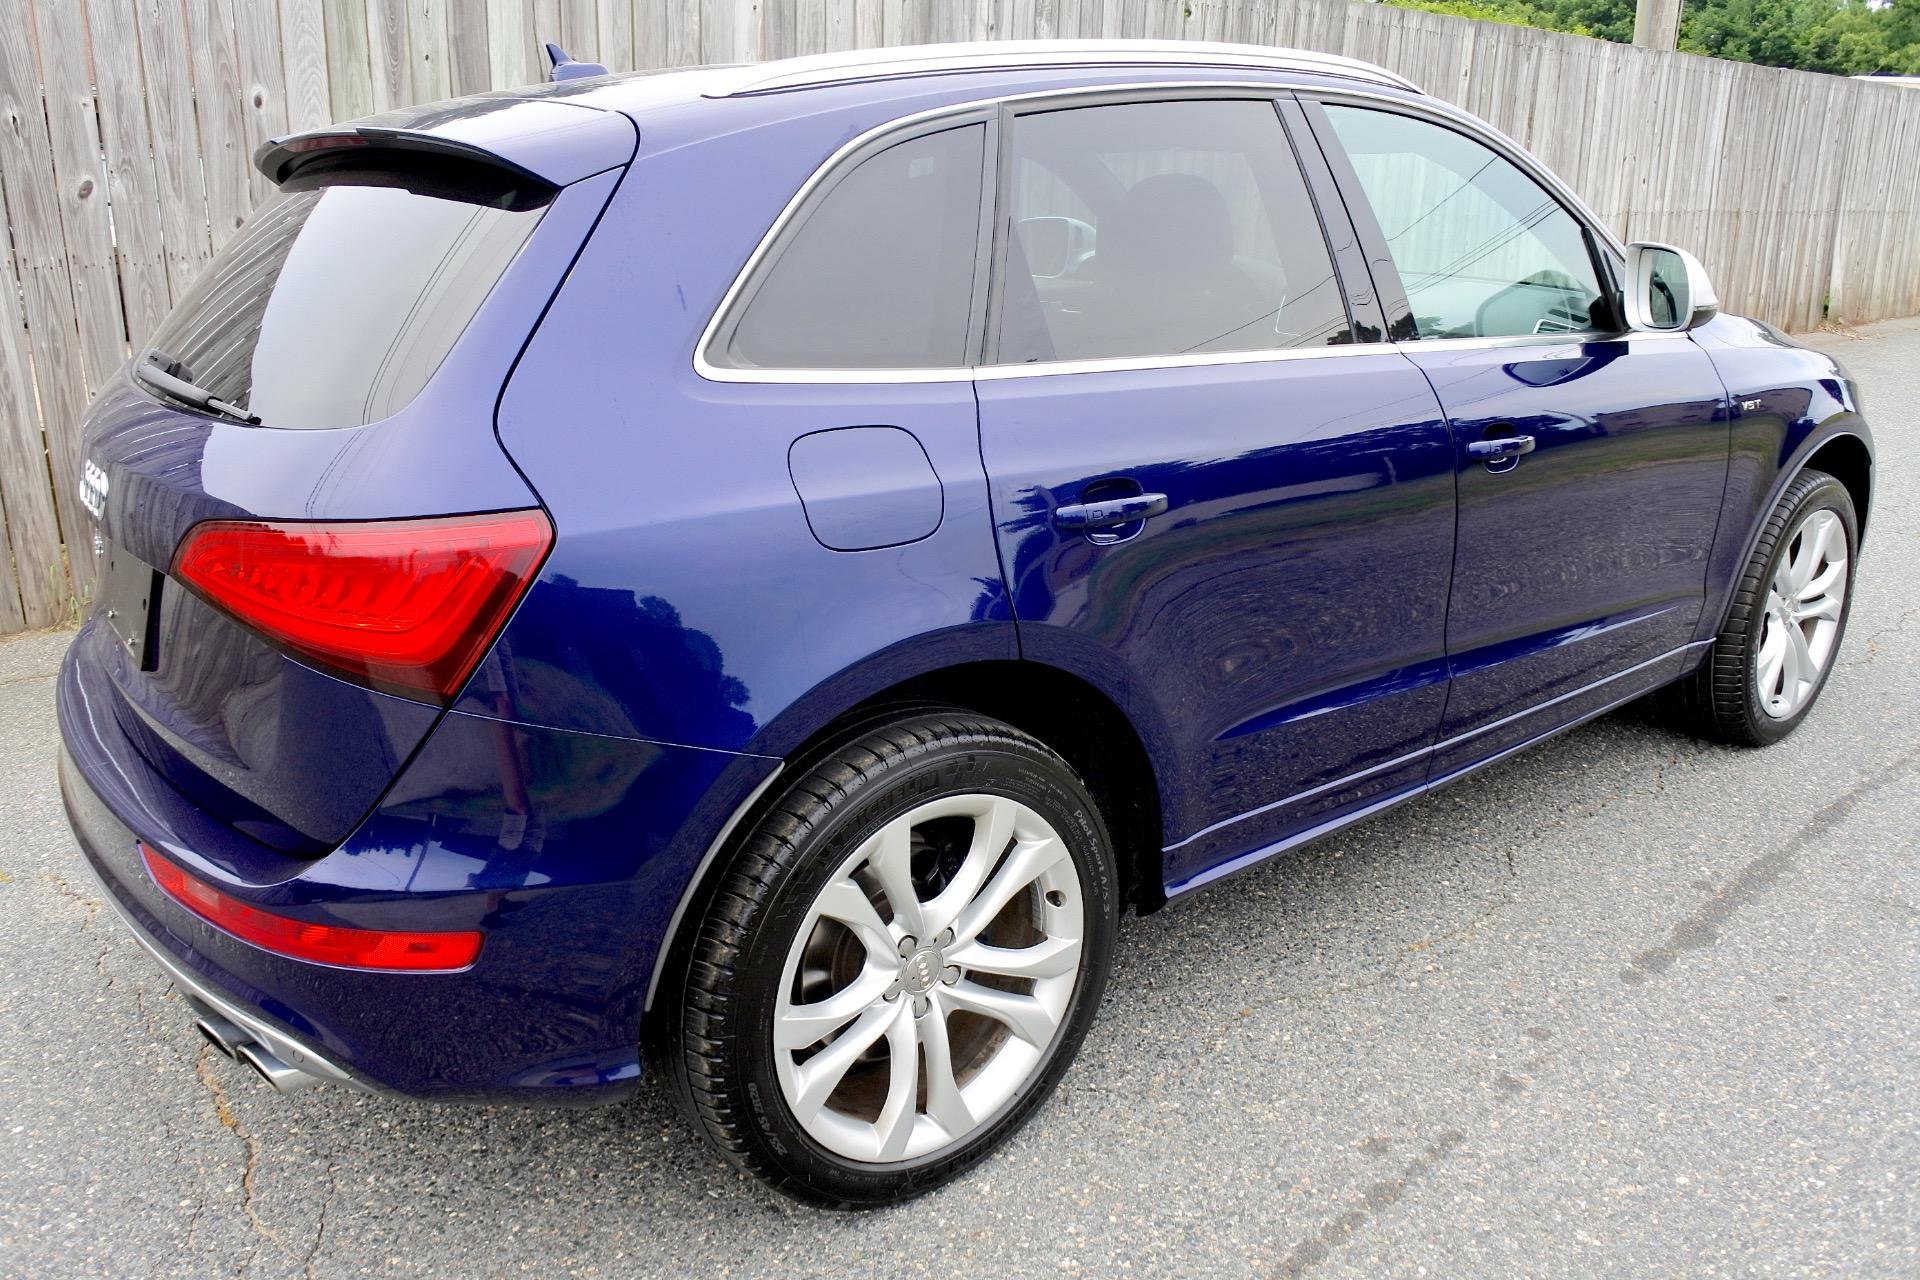 Used 2014 Audi Sq5 3.0 Quattro Used 2014 Audi Sq5 3.0 Quattro for sale  at Metro West Motorcars LLC in Shrewsbury MA 5